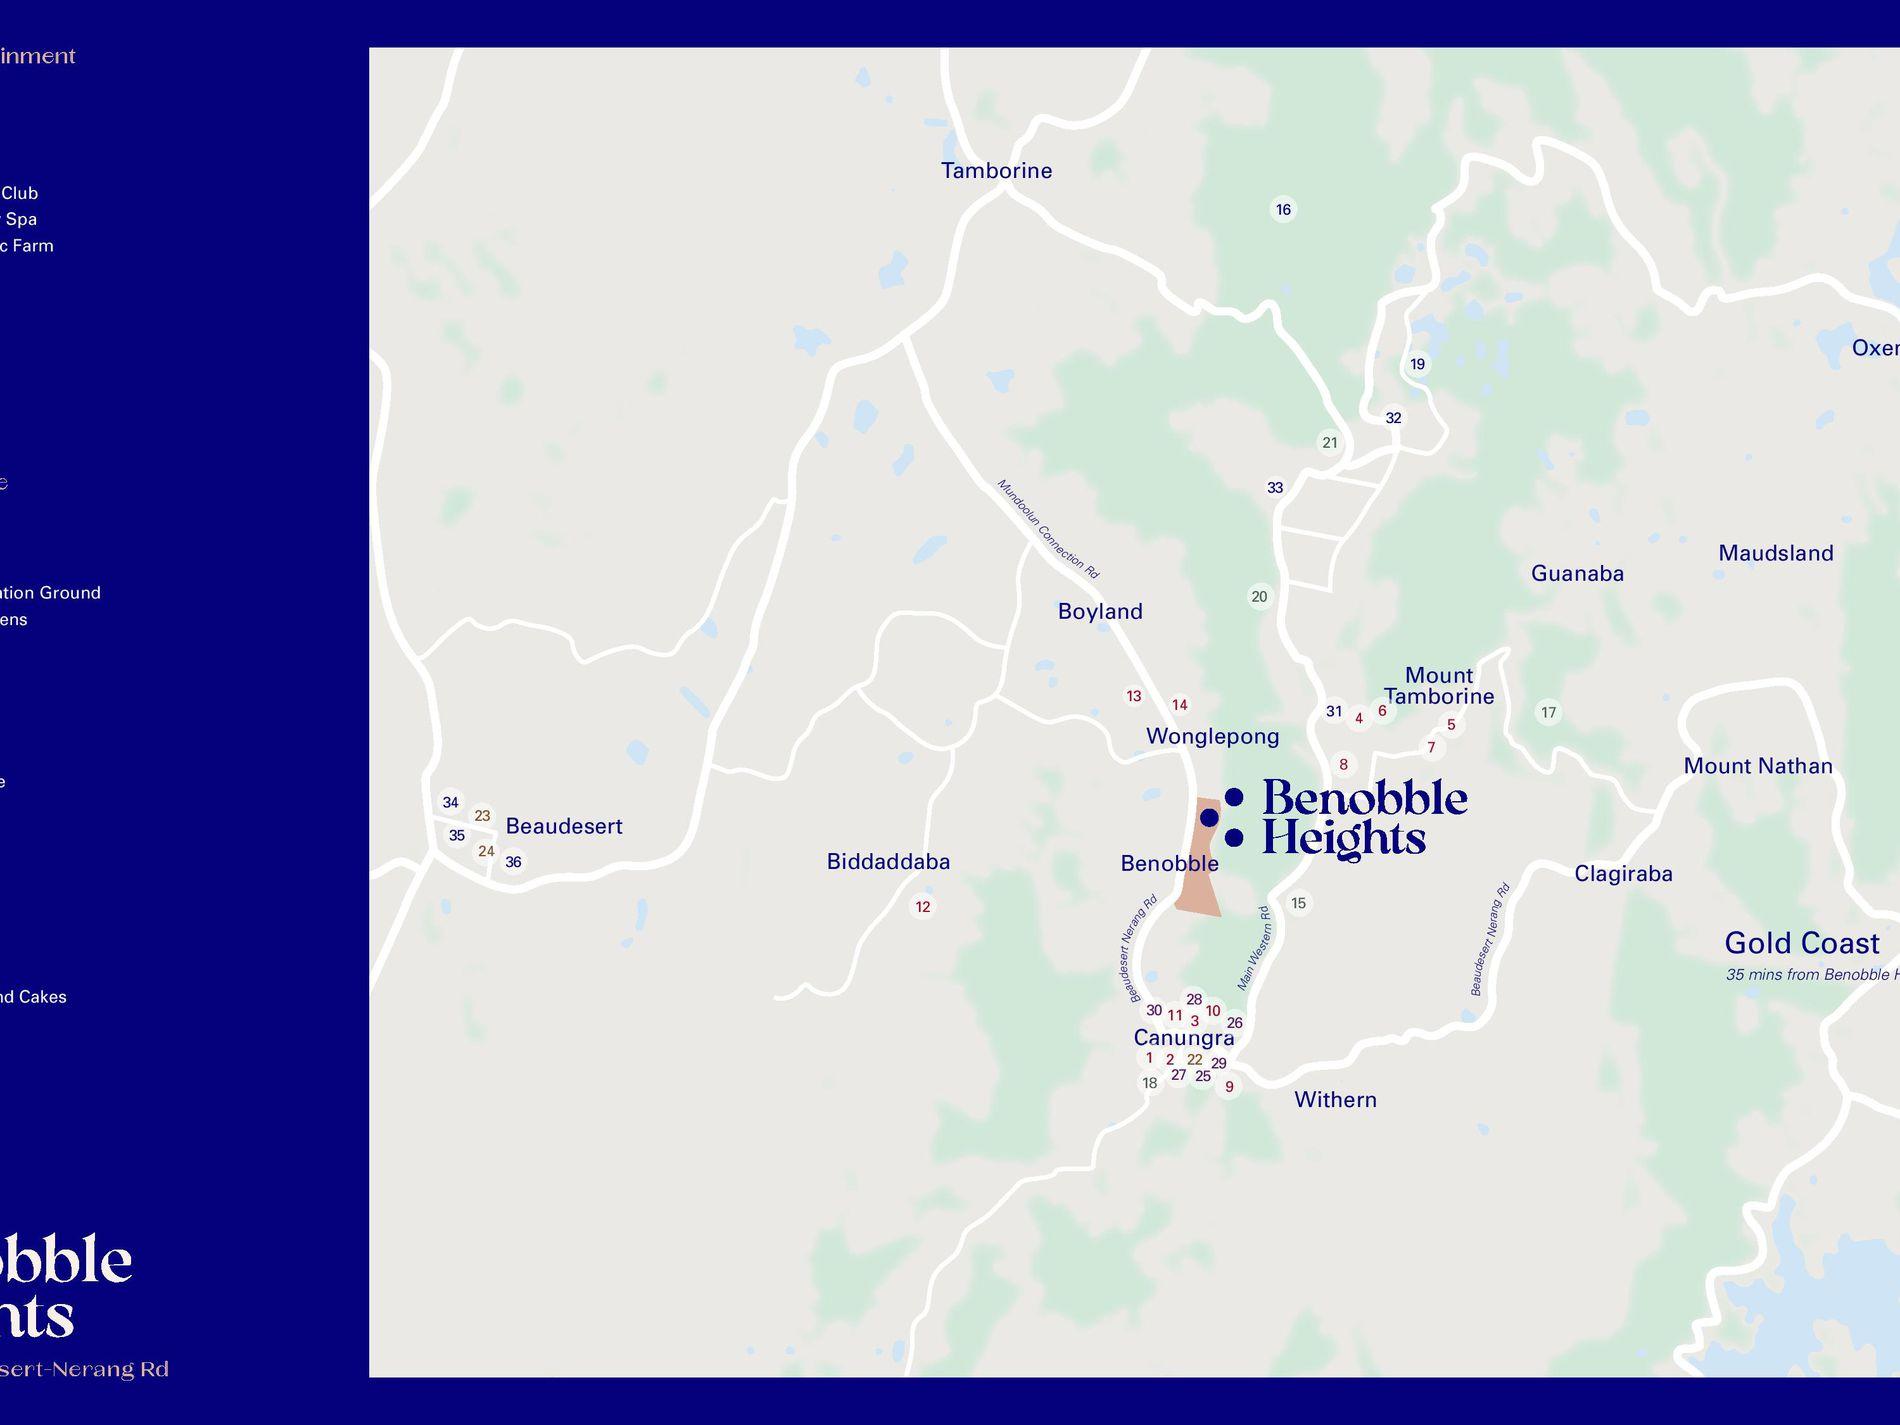 Lot 31, 2558 Beaudesert Nerang Road, Canungra